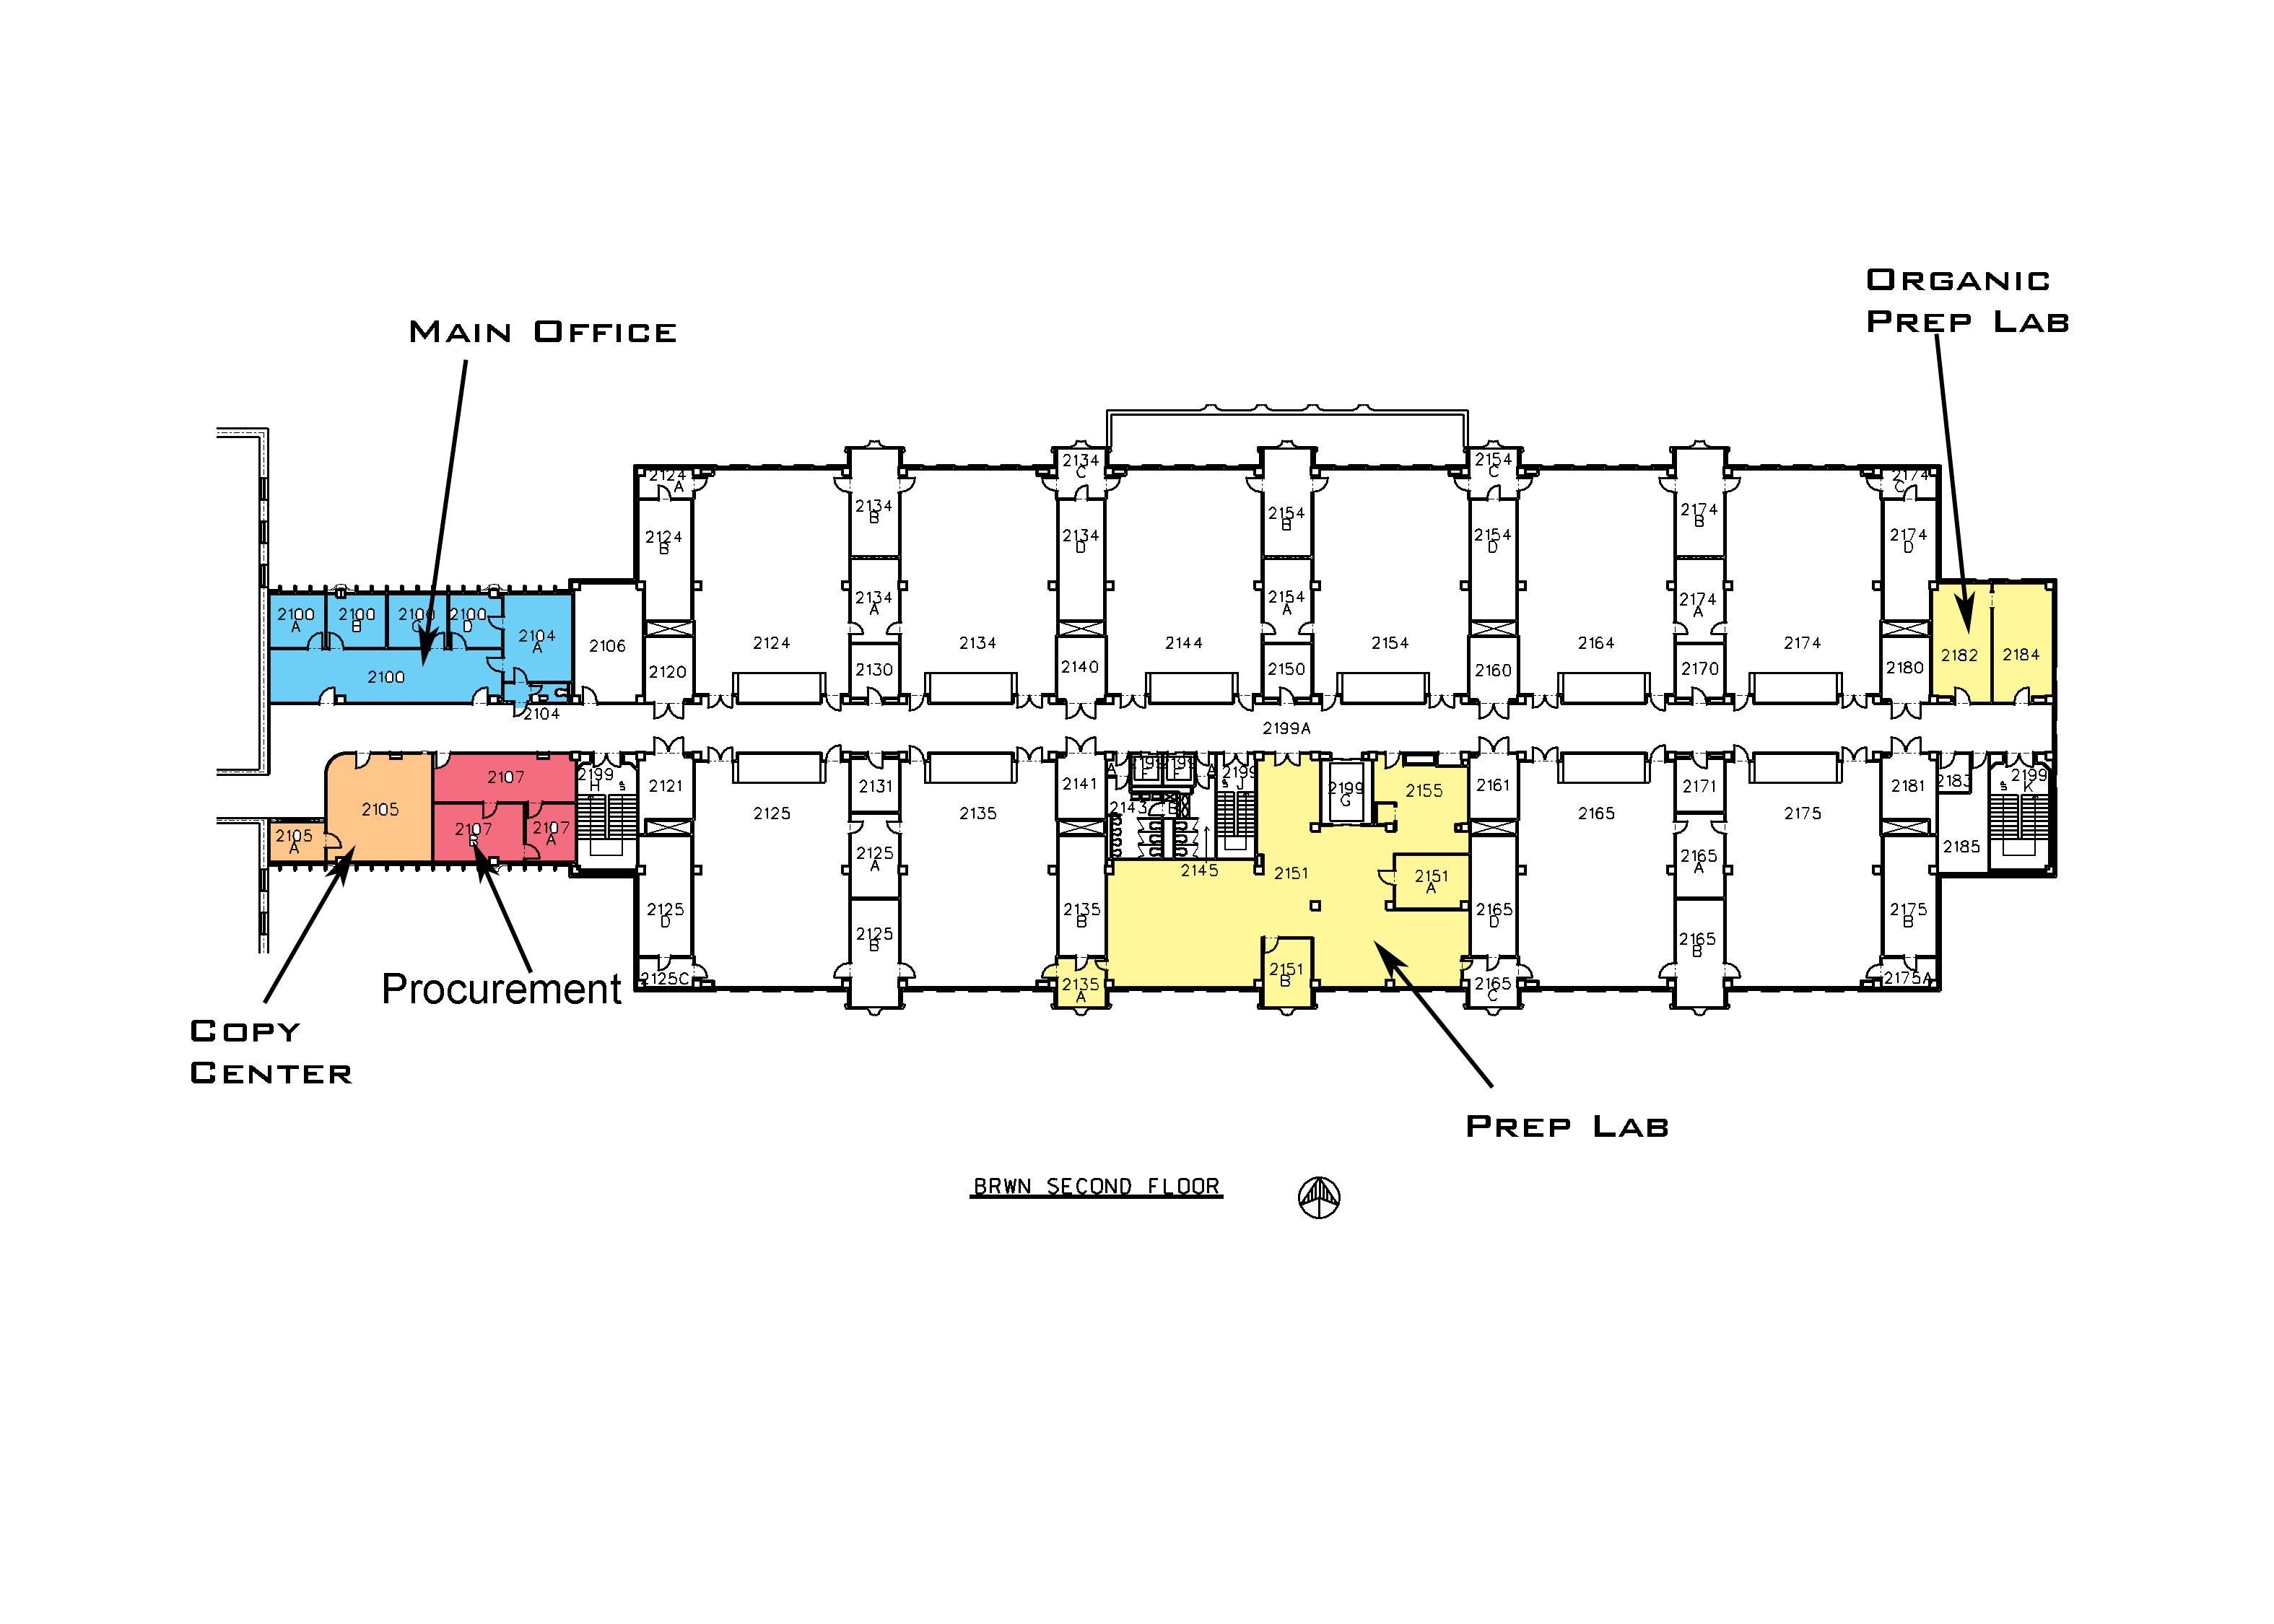 Purdue University Department Of Chemistry Building Plans